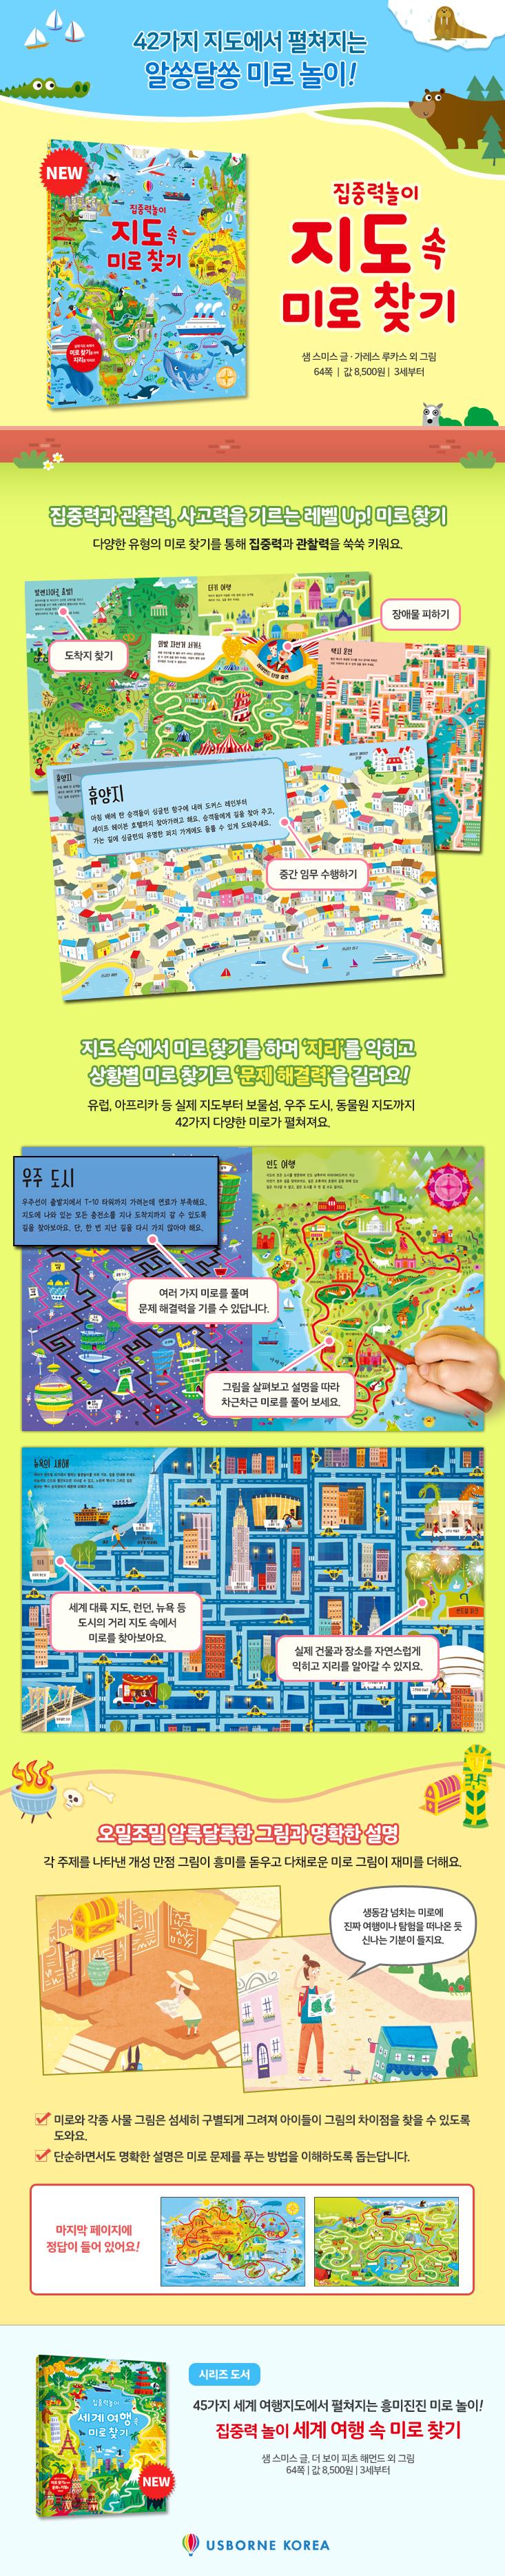 Map-maze-book